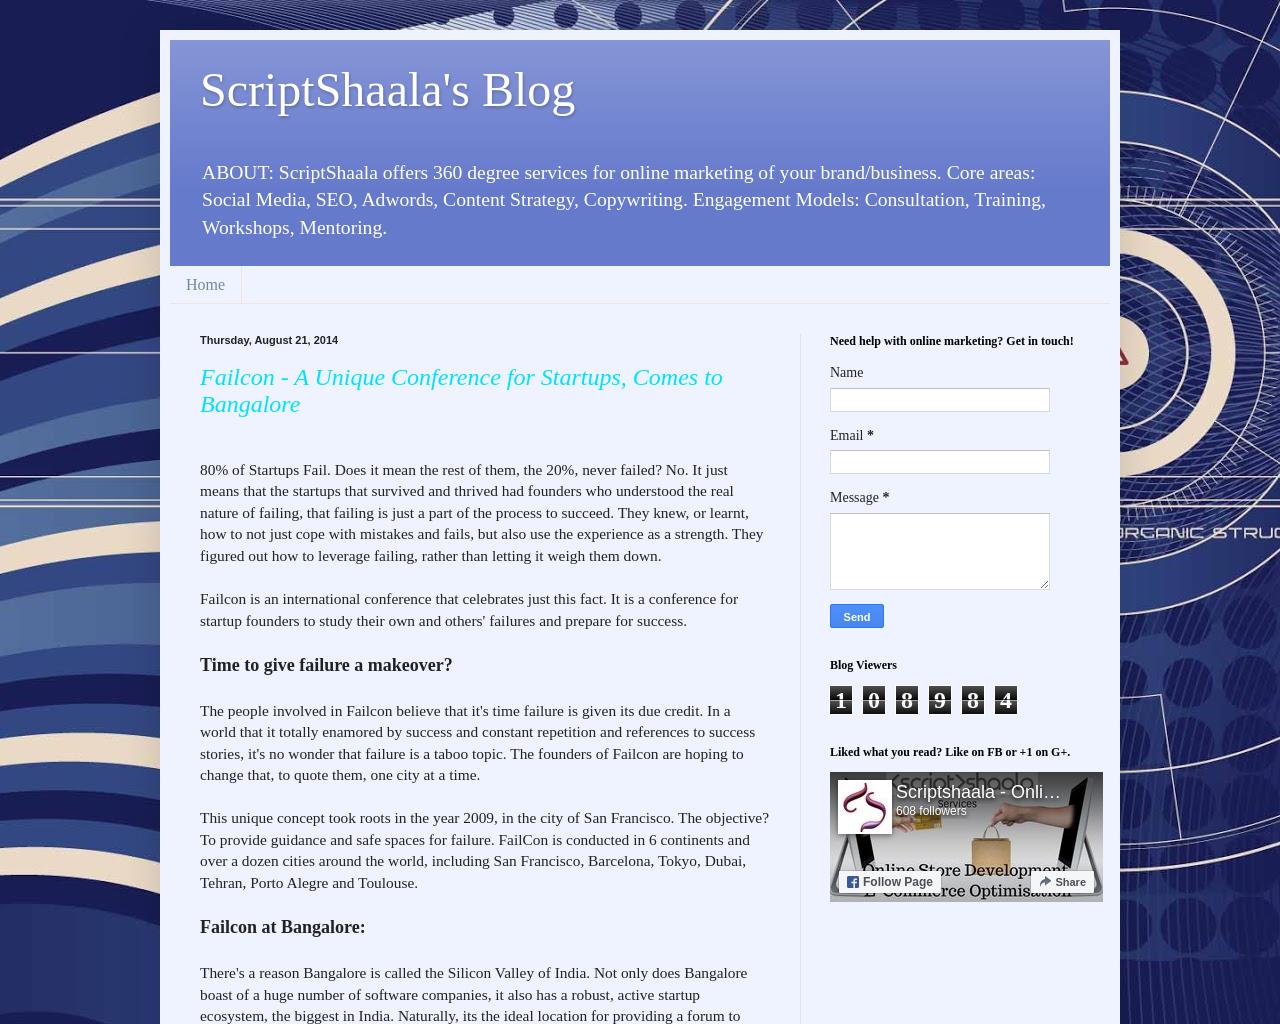 Scriptshaala Writing Services